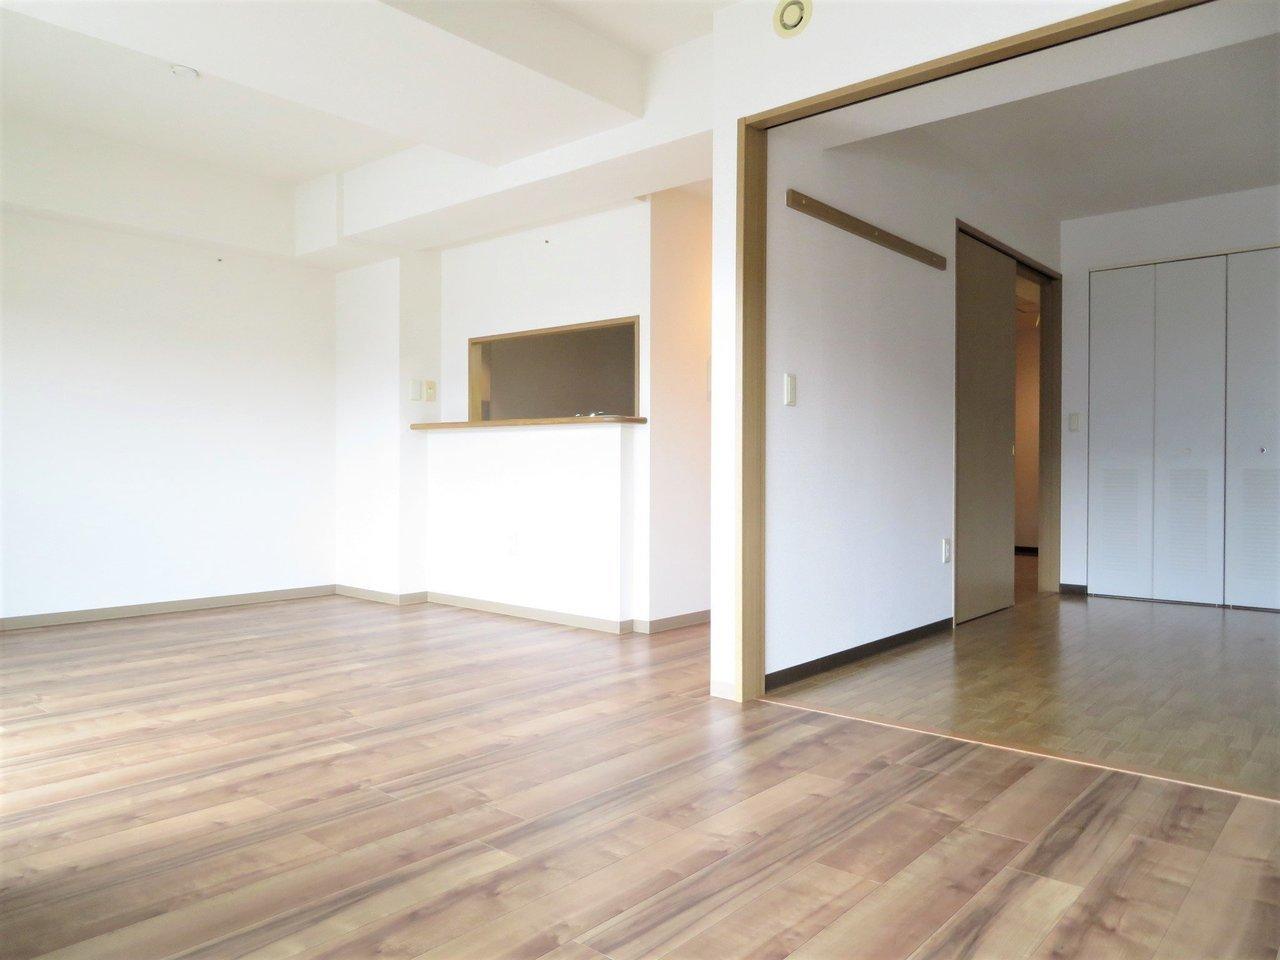 こちらは2LDKの間取りのお部屋。岸和田駅からは徒歩2分。リビングはなんと17畳。 かなり大きなリビングですので、大きな家具家電を置くこともできますよ。